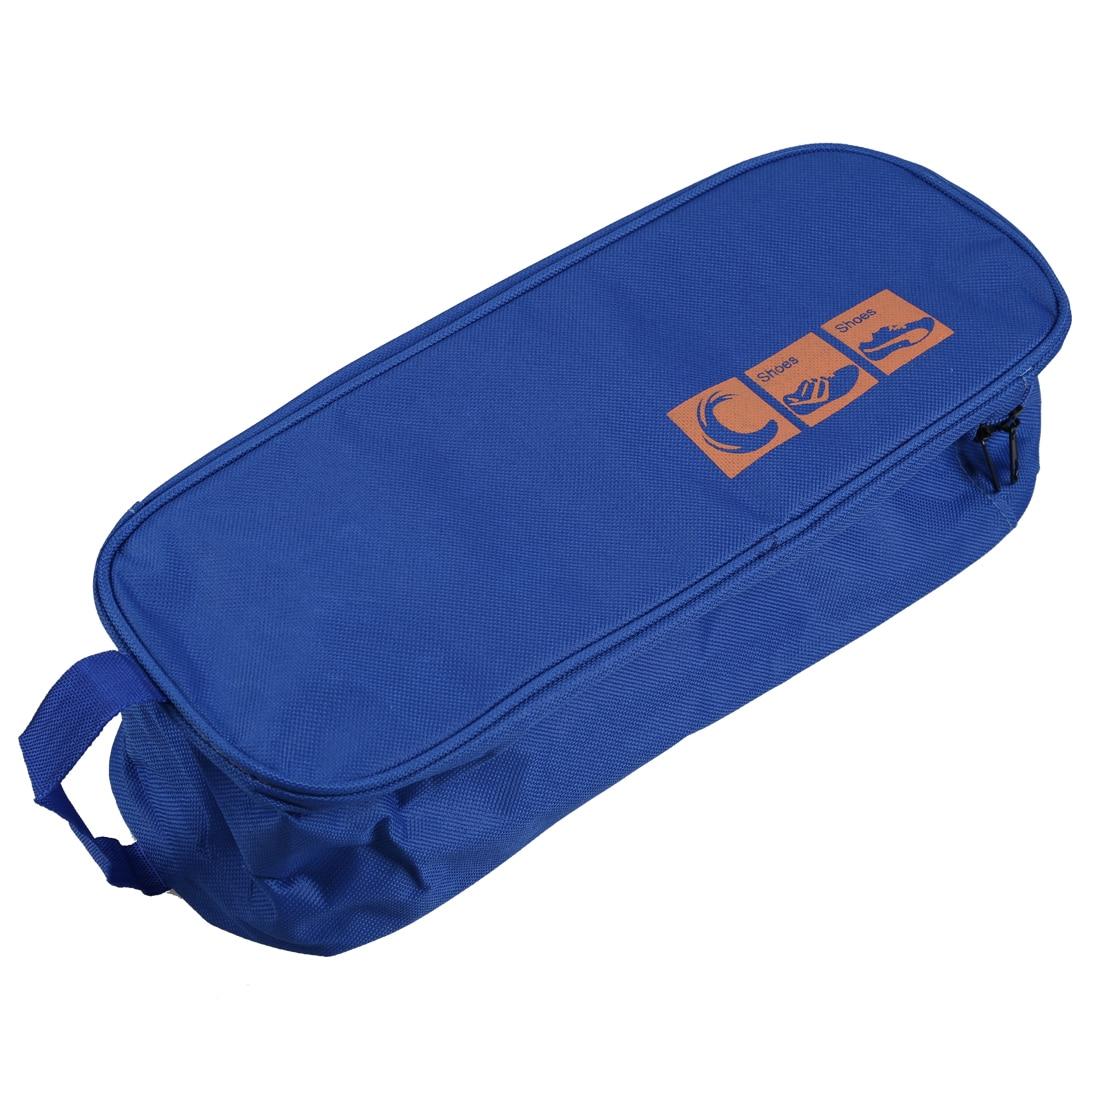 Портативный водонепроницаемый Чистка дорожная сумка для переноски Чехол для хранения дорожная сумка-синий